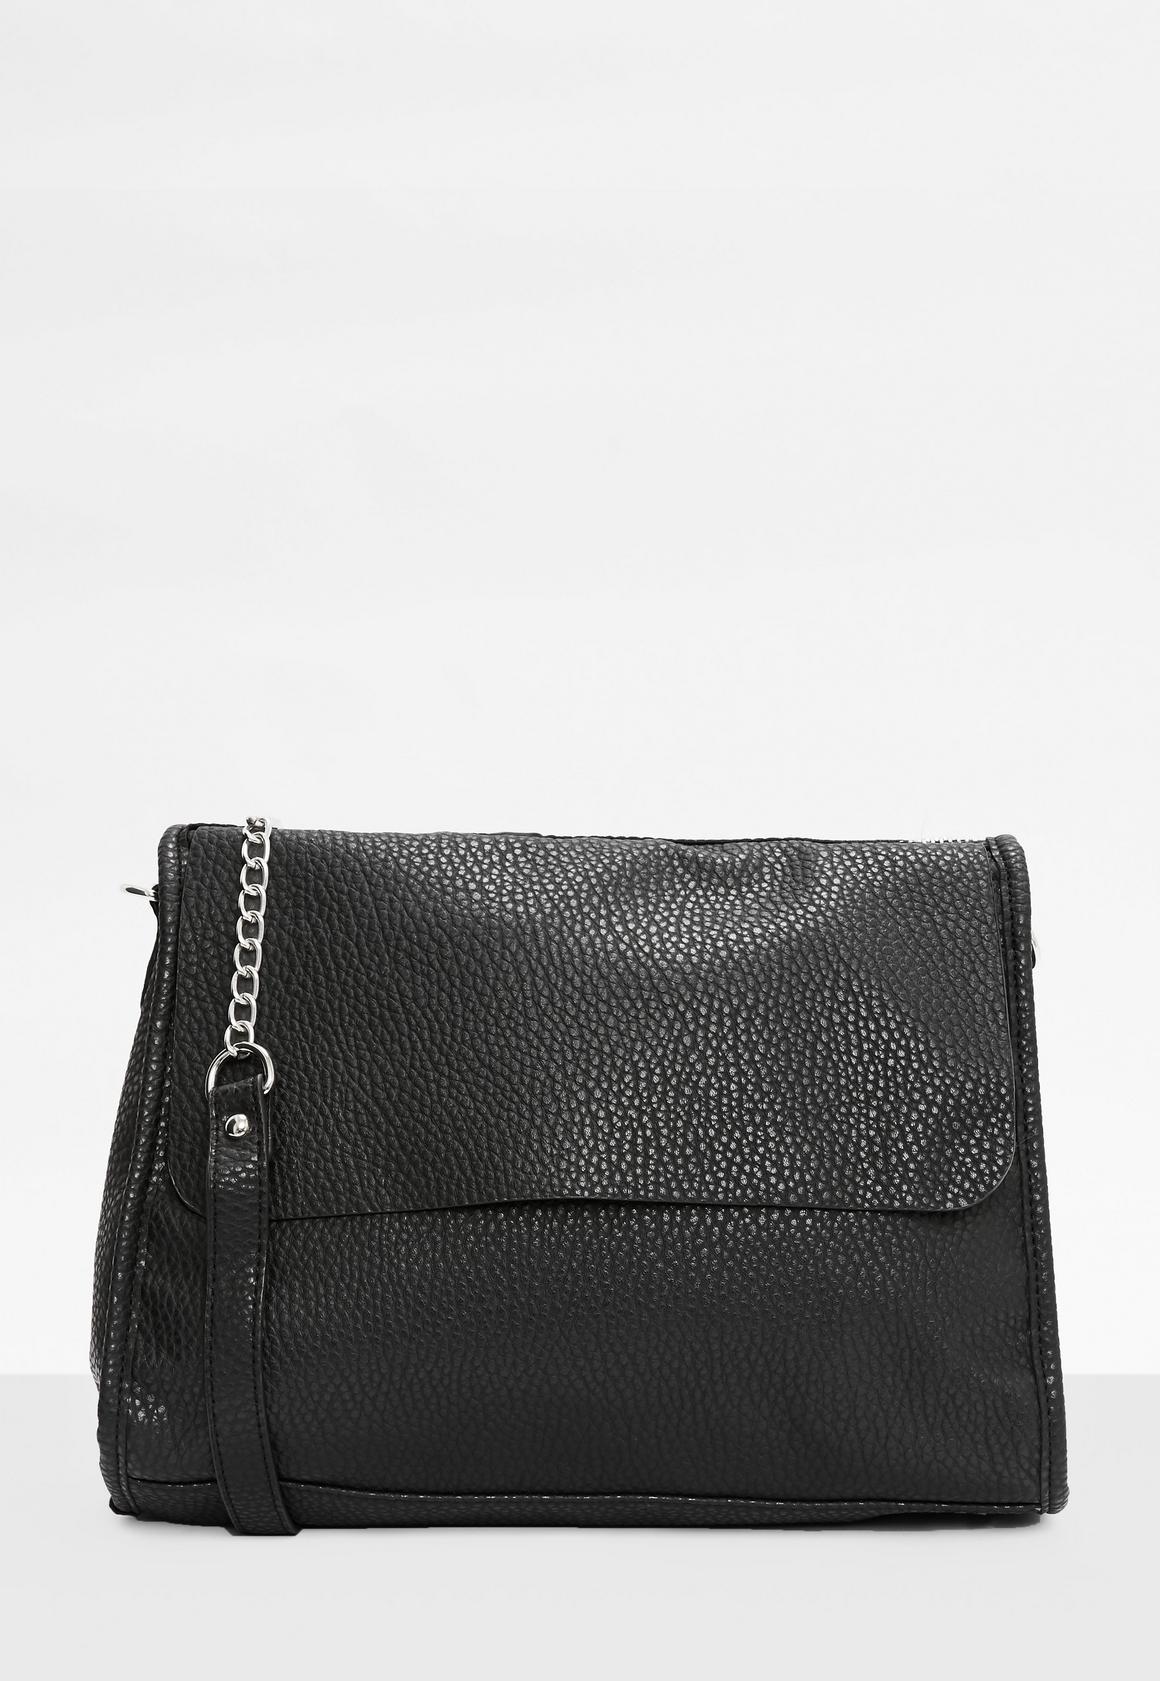 Black Chain Strap Shoulder Bag | Missguided